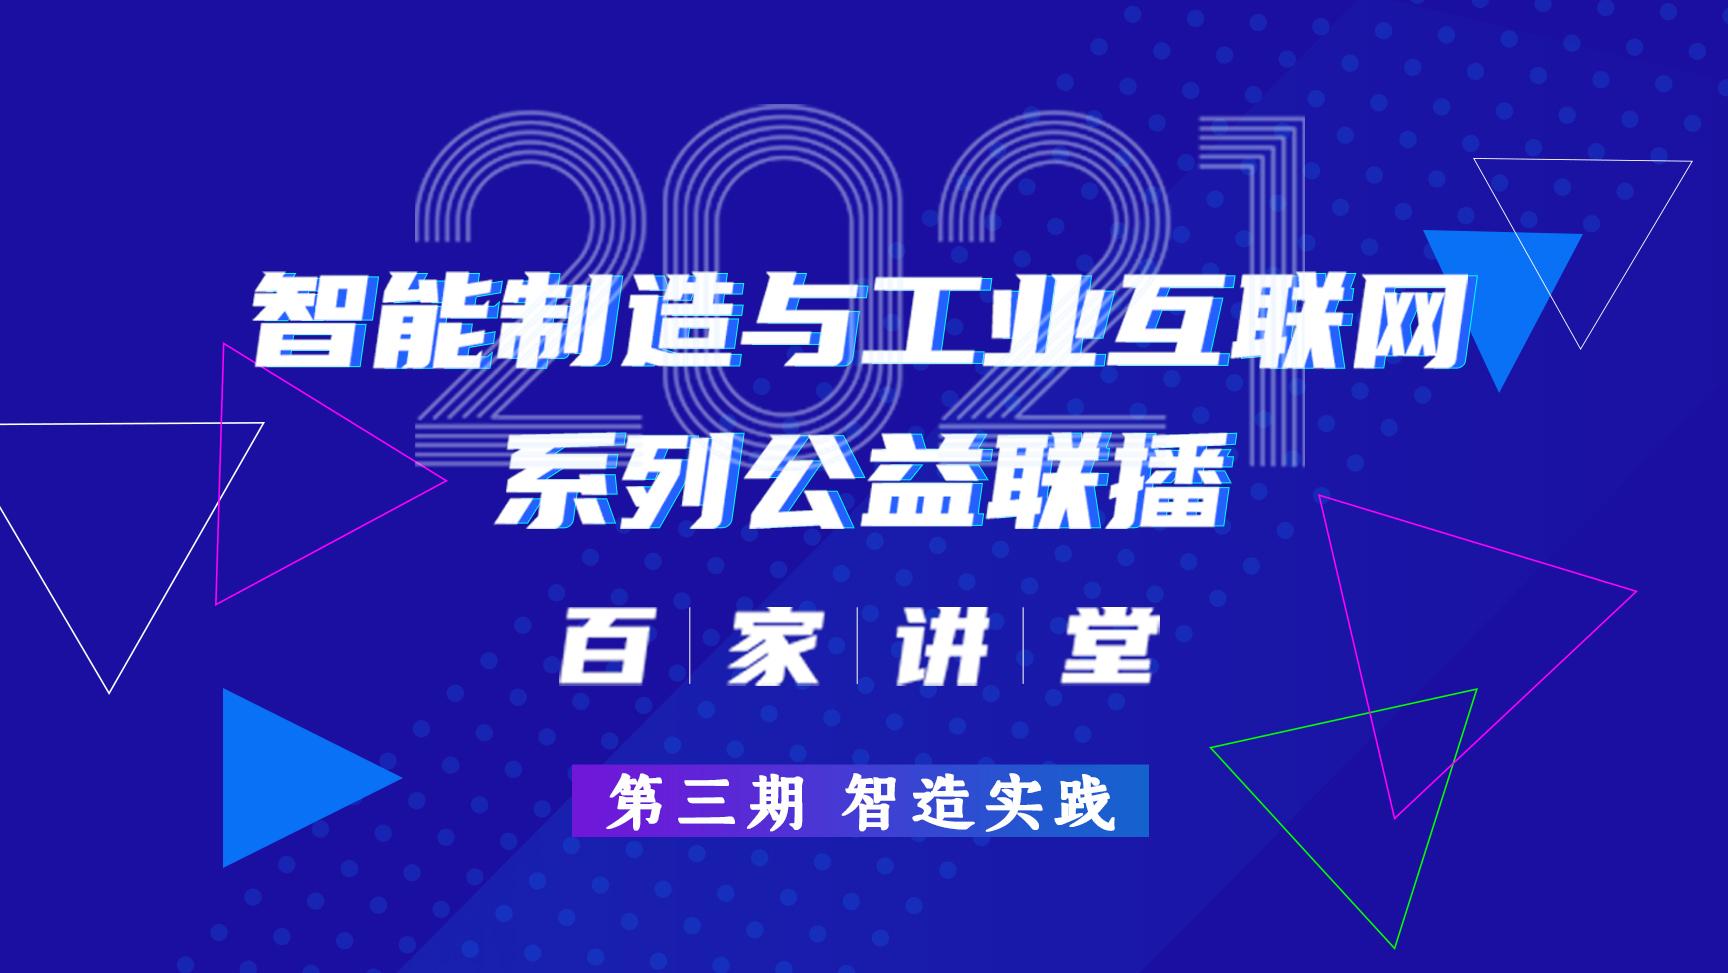 【第三期 智造实践】2021智能制造与工业互联网百家讲堂